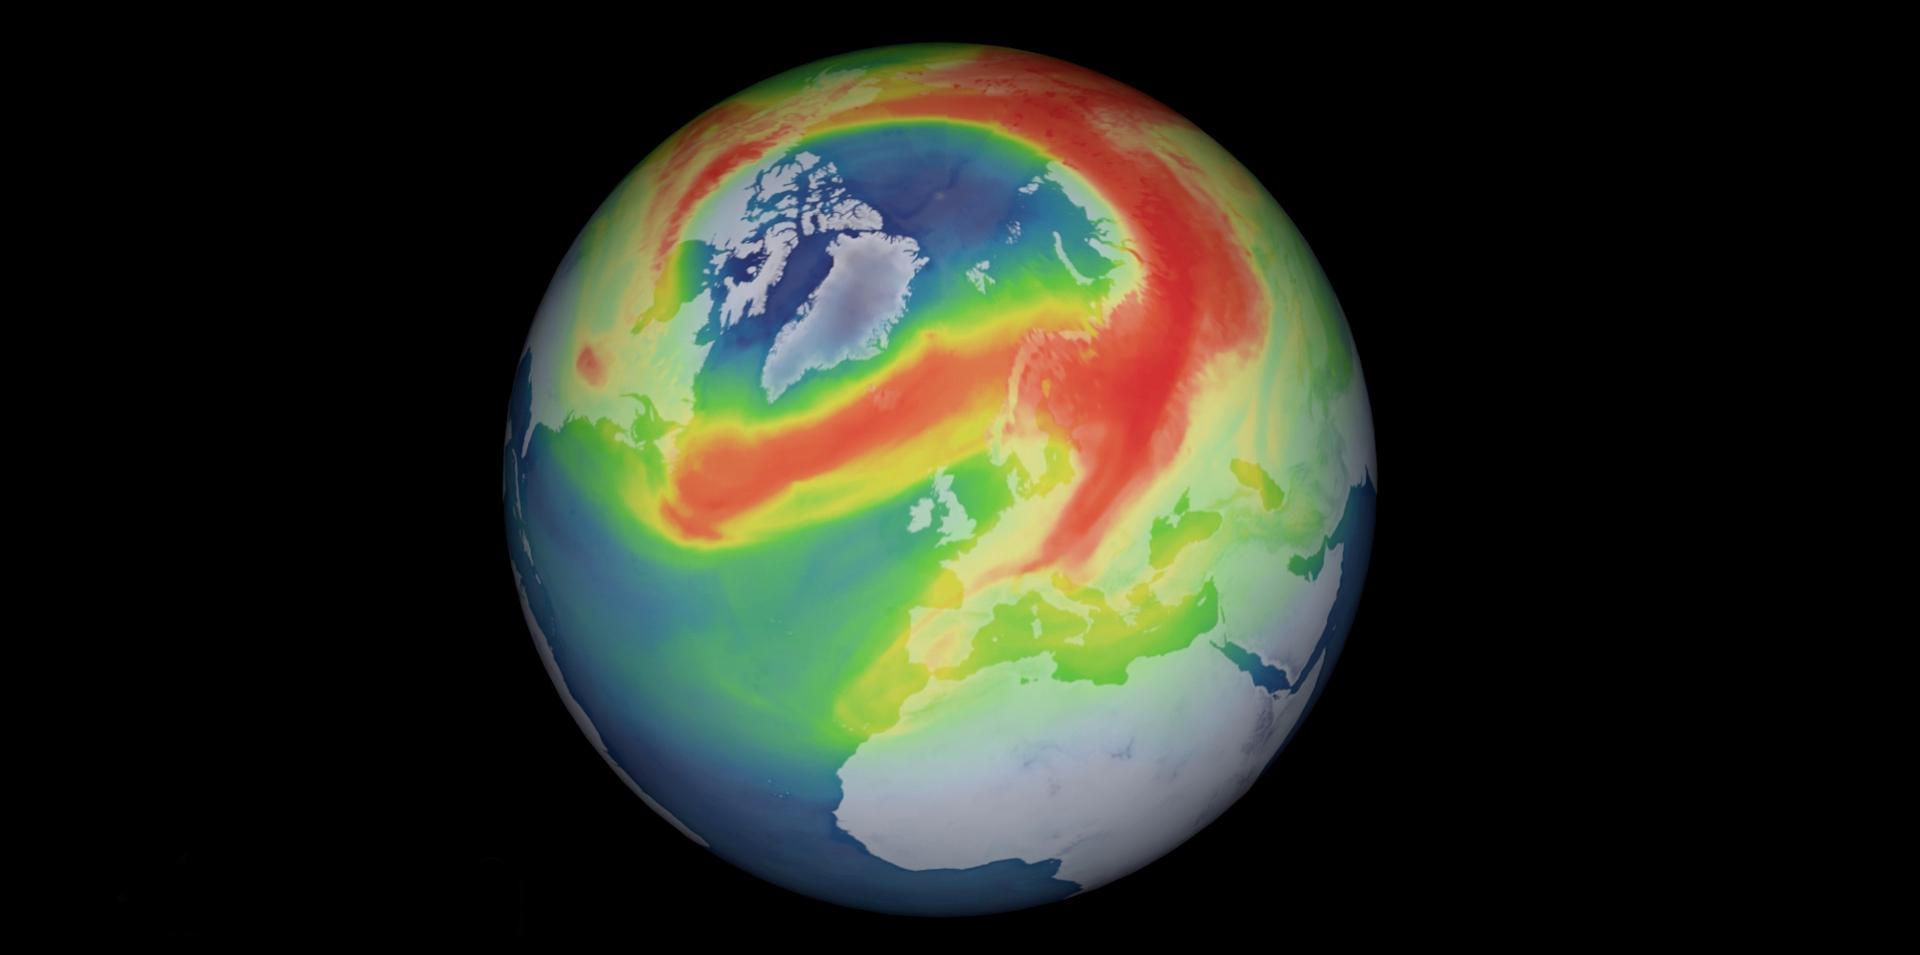 Un trou dans la couche d'ozone s'est ouvert au-dessus du pôle Nord